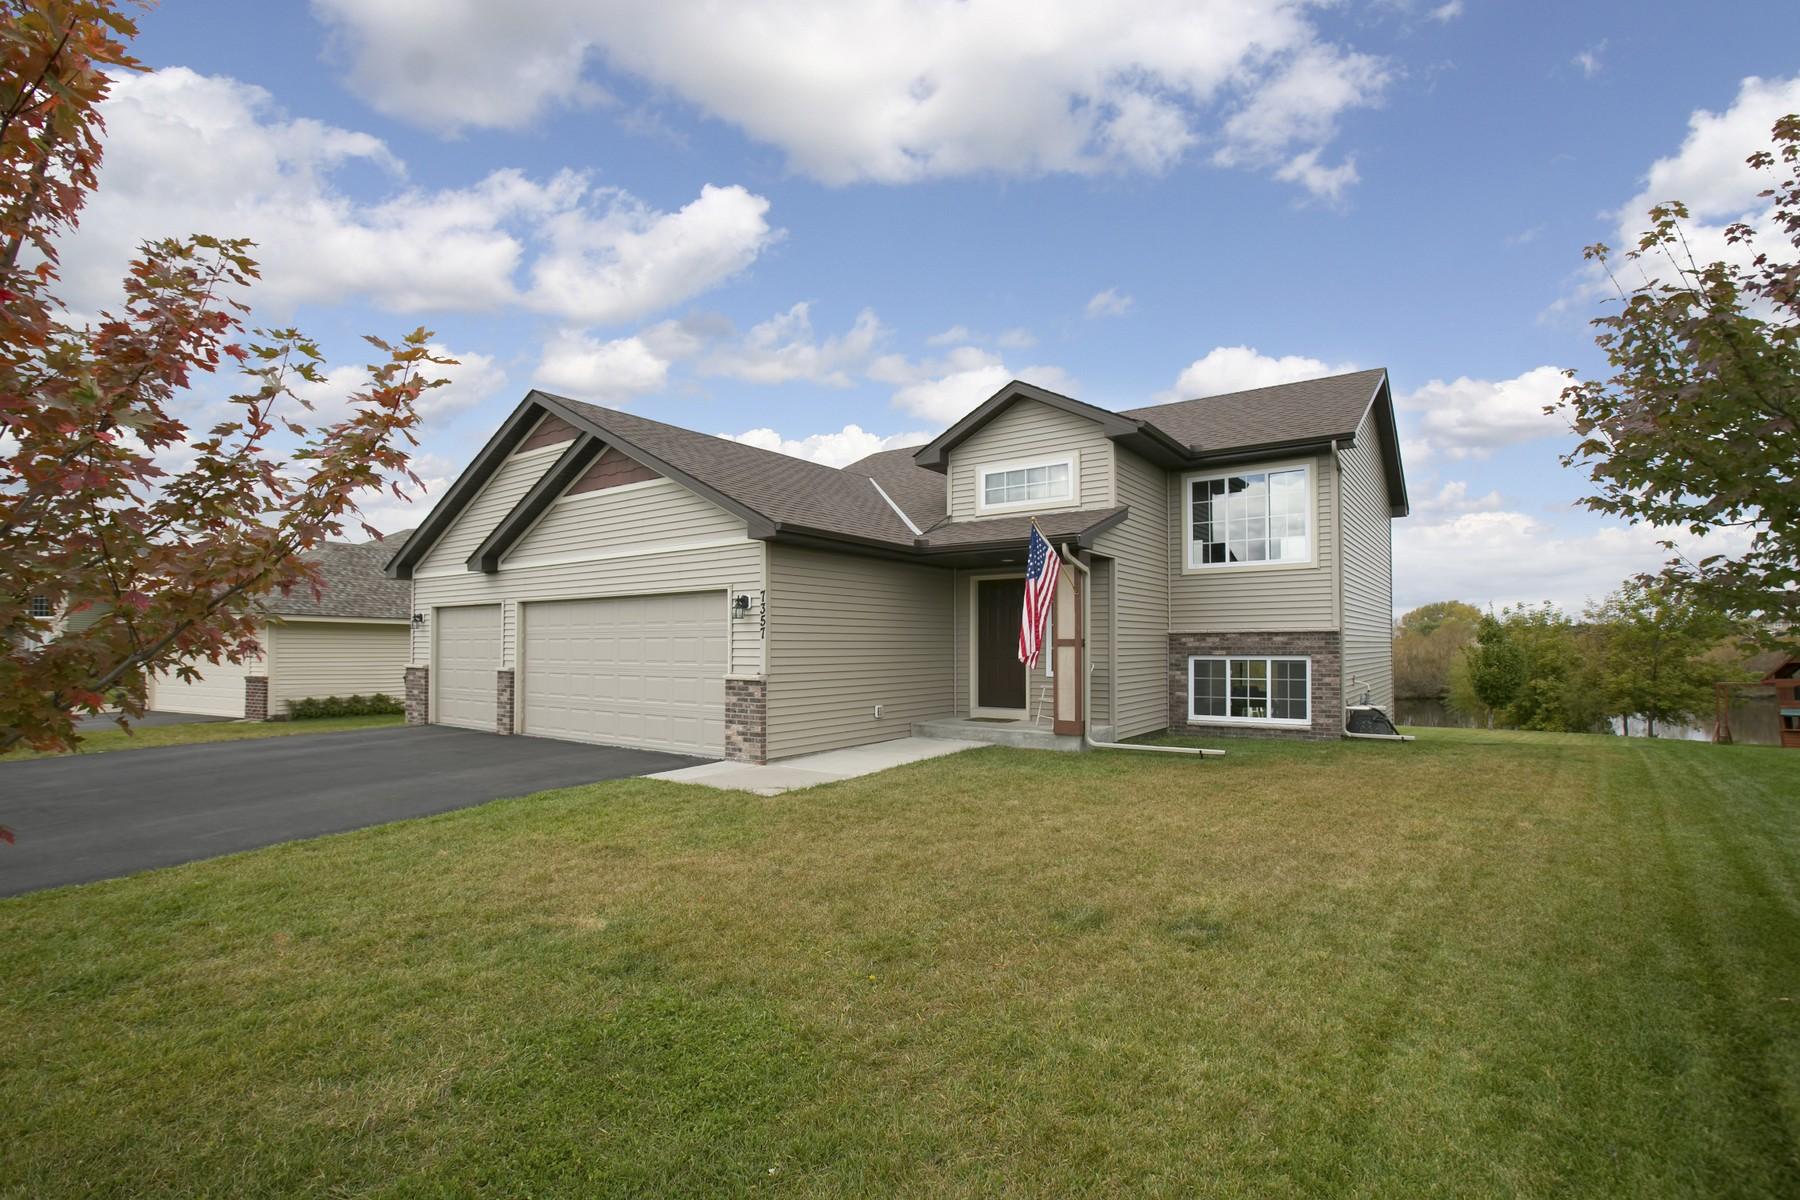 Maison unifamiliale pour l Vente à 7357 Lambert Avenue NE Otsego, Minnesota 55301 États-Unis